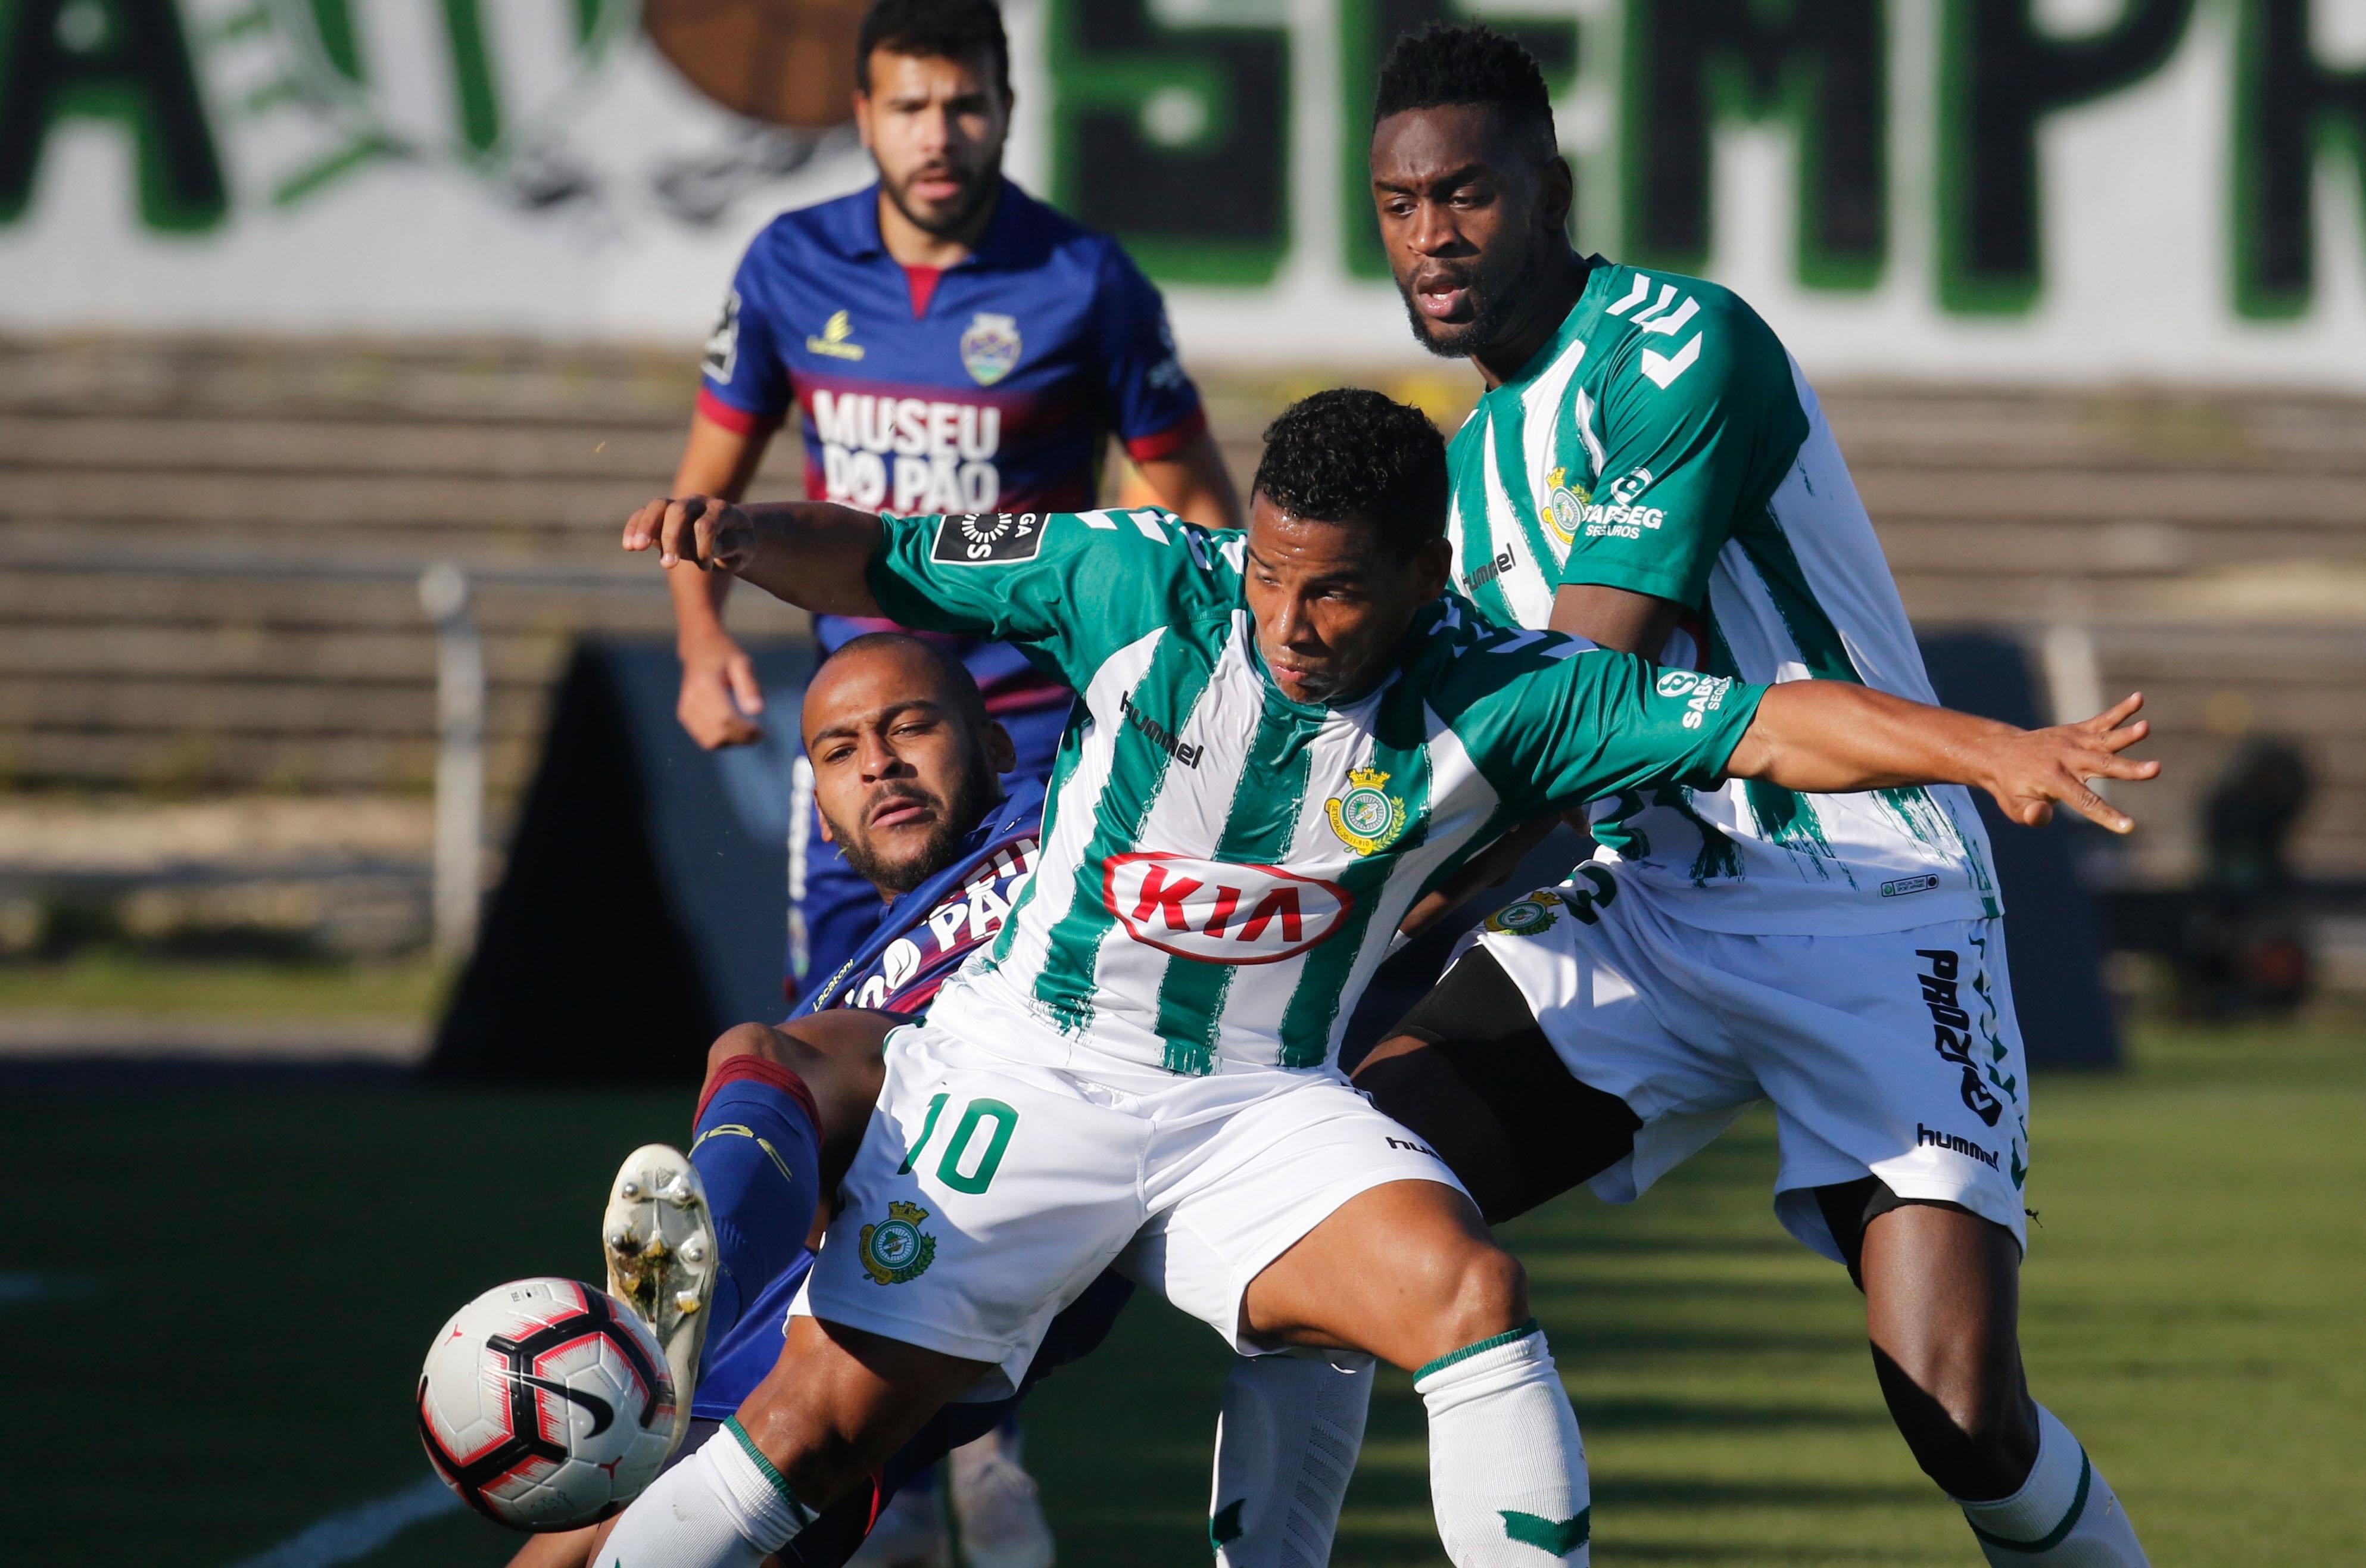 Próximo jogo do Vitória de Setúbal já terá Sandro Mendes no banco de  suplentes. Foto  Rui Minderico Lusa 4ee4fadddbf0d